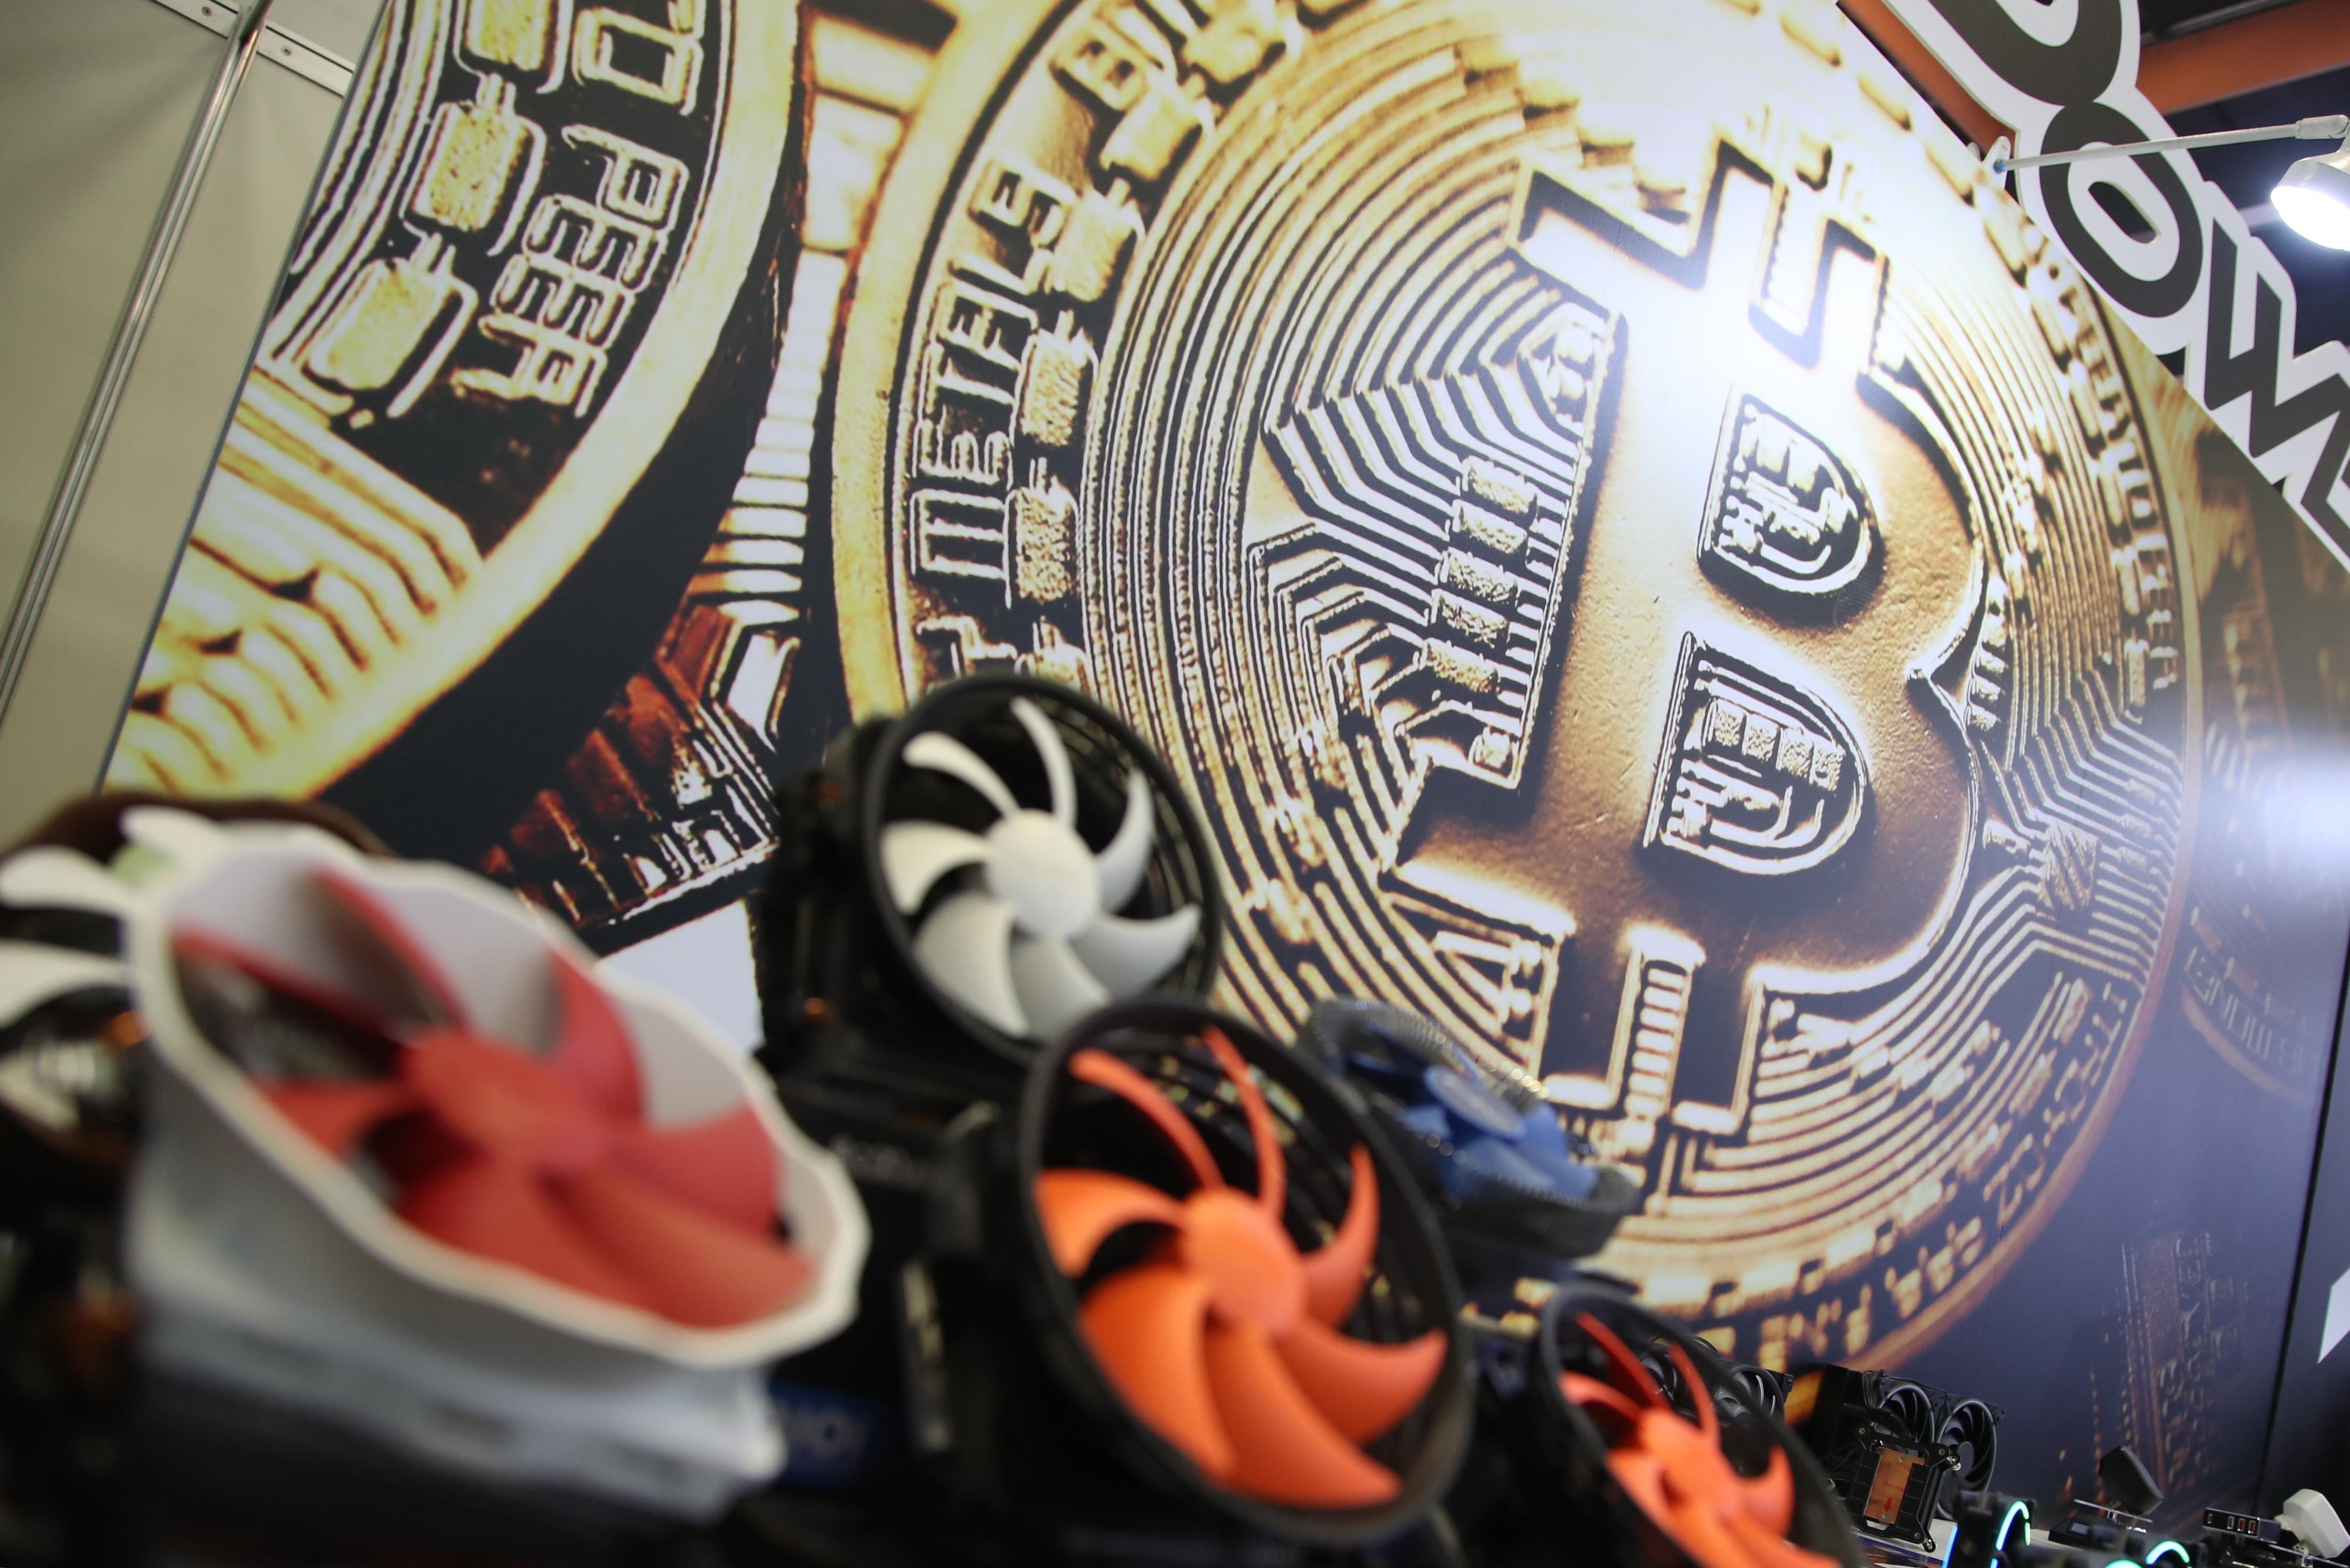 """União Europeia não aceita novas criptomoedas até garantir que não têm """"riscos impossíveis de gerir"""""""